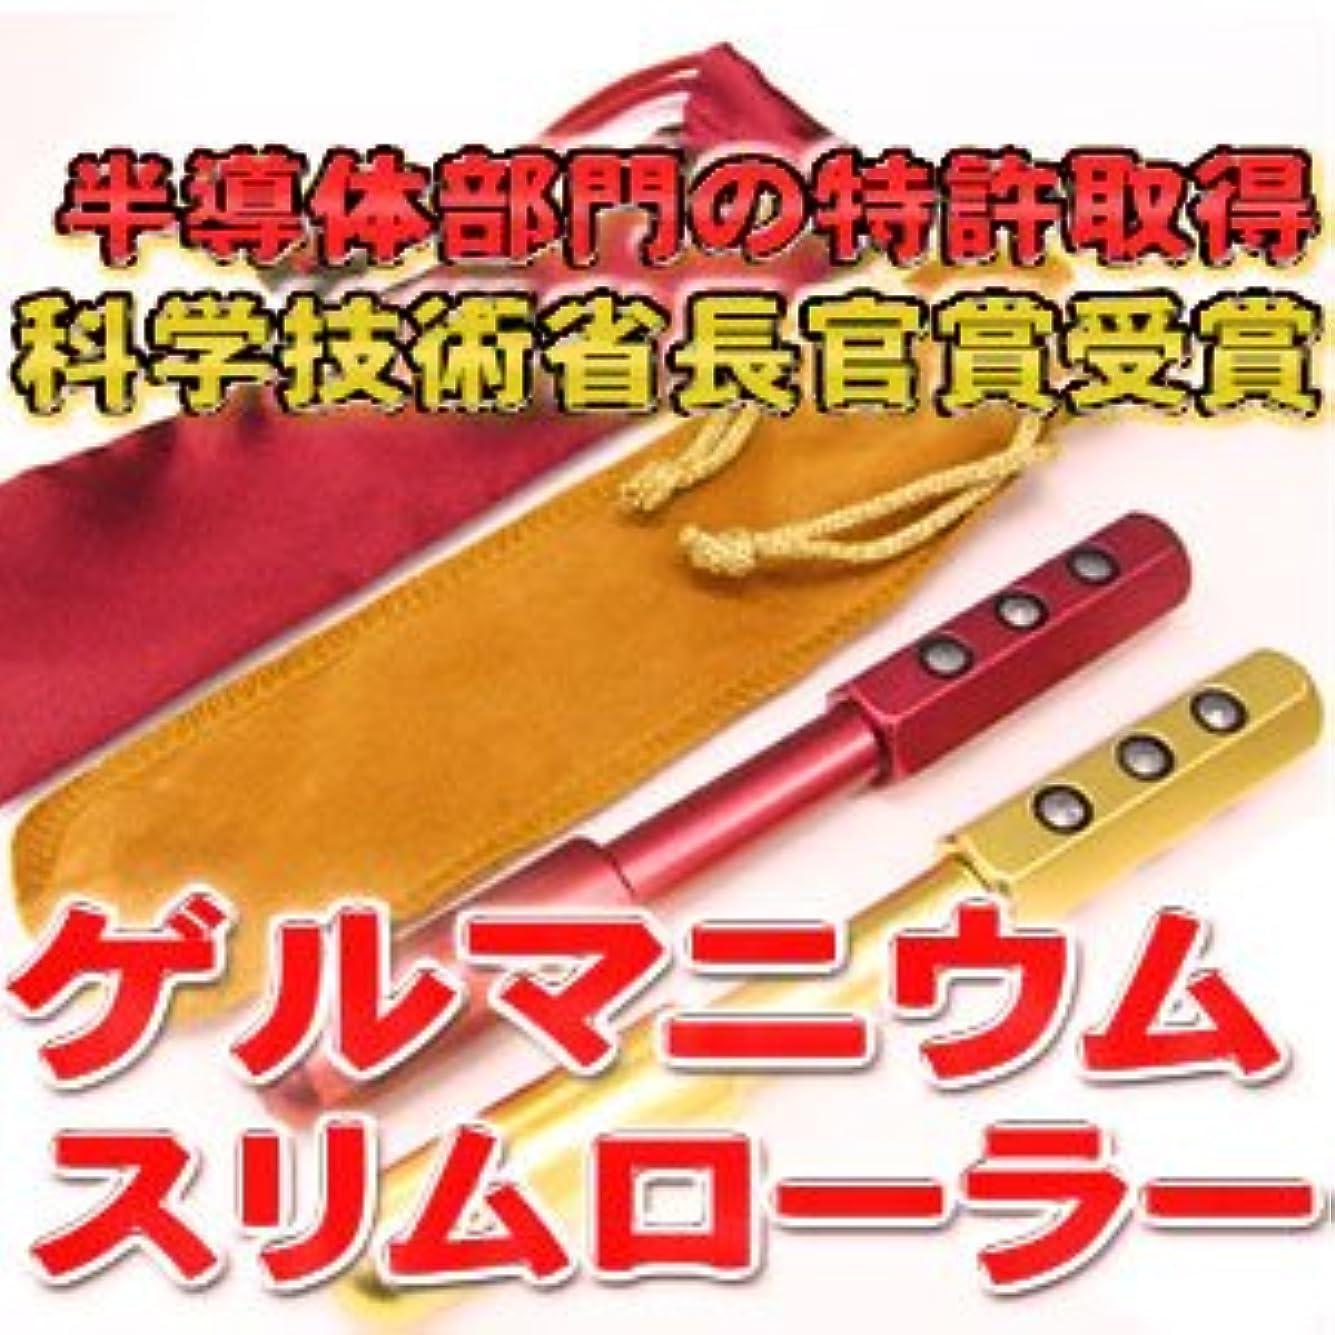 モニカペンタブレットゲルマニウムスリムローラー (半導体ビューティーローラー)(フェイスバージョン) ピンク